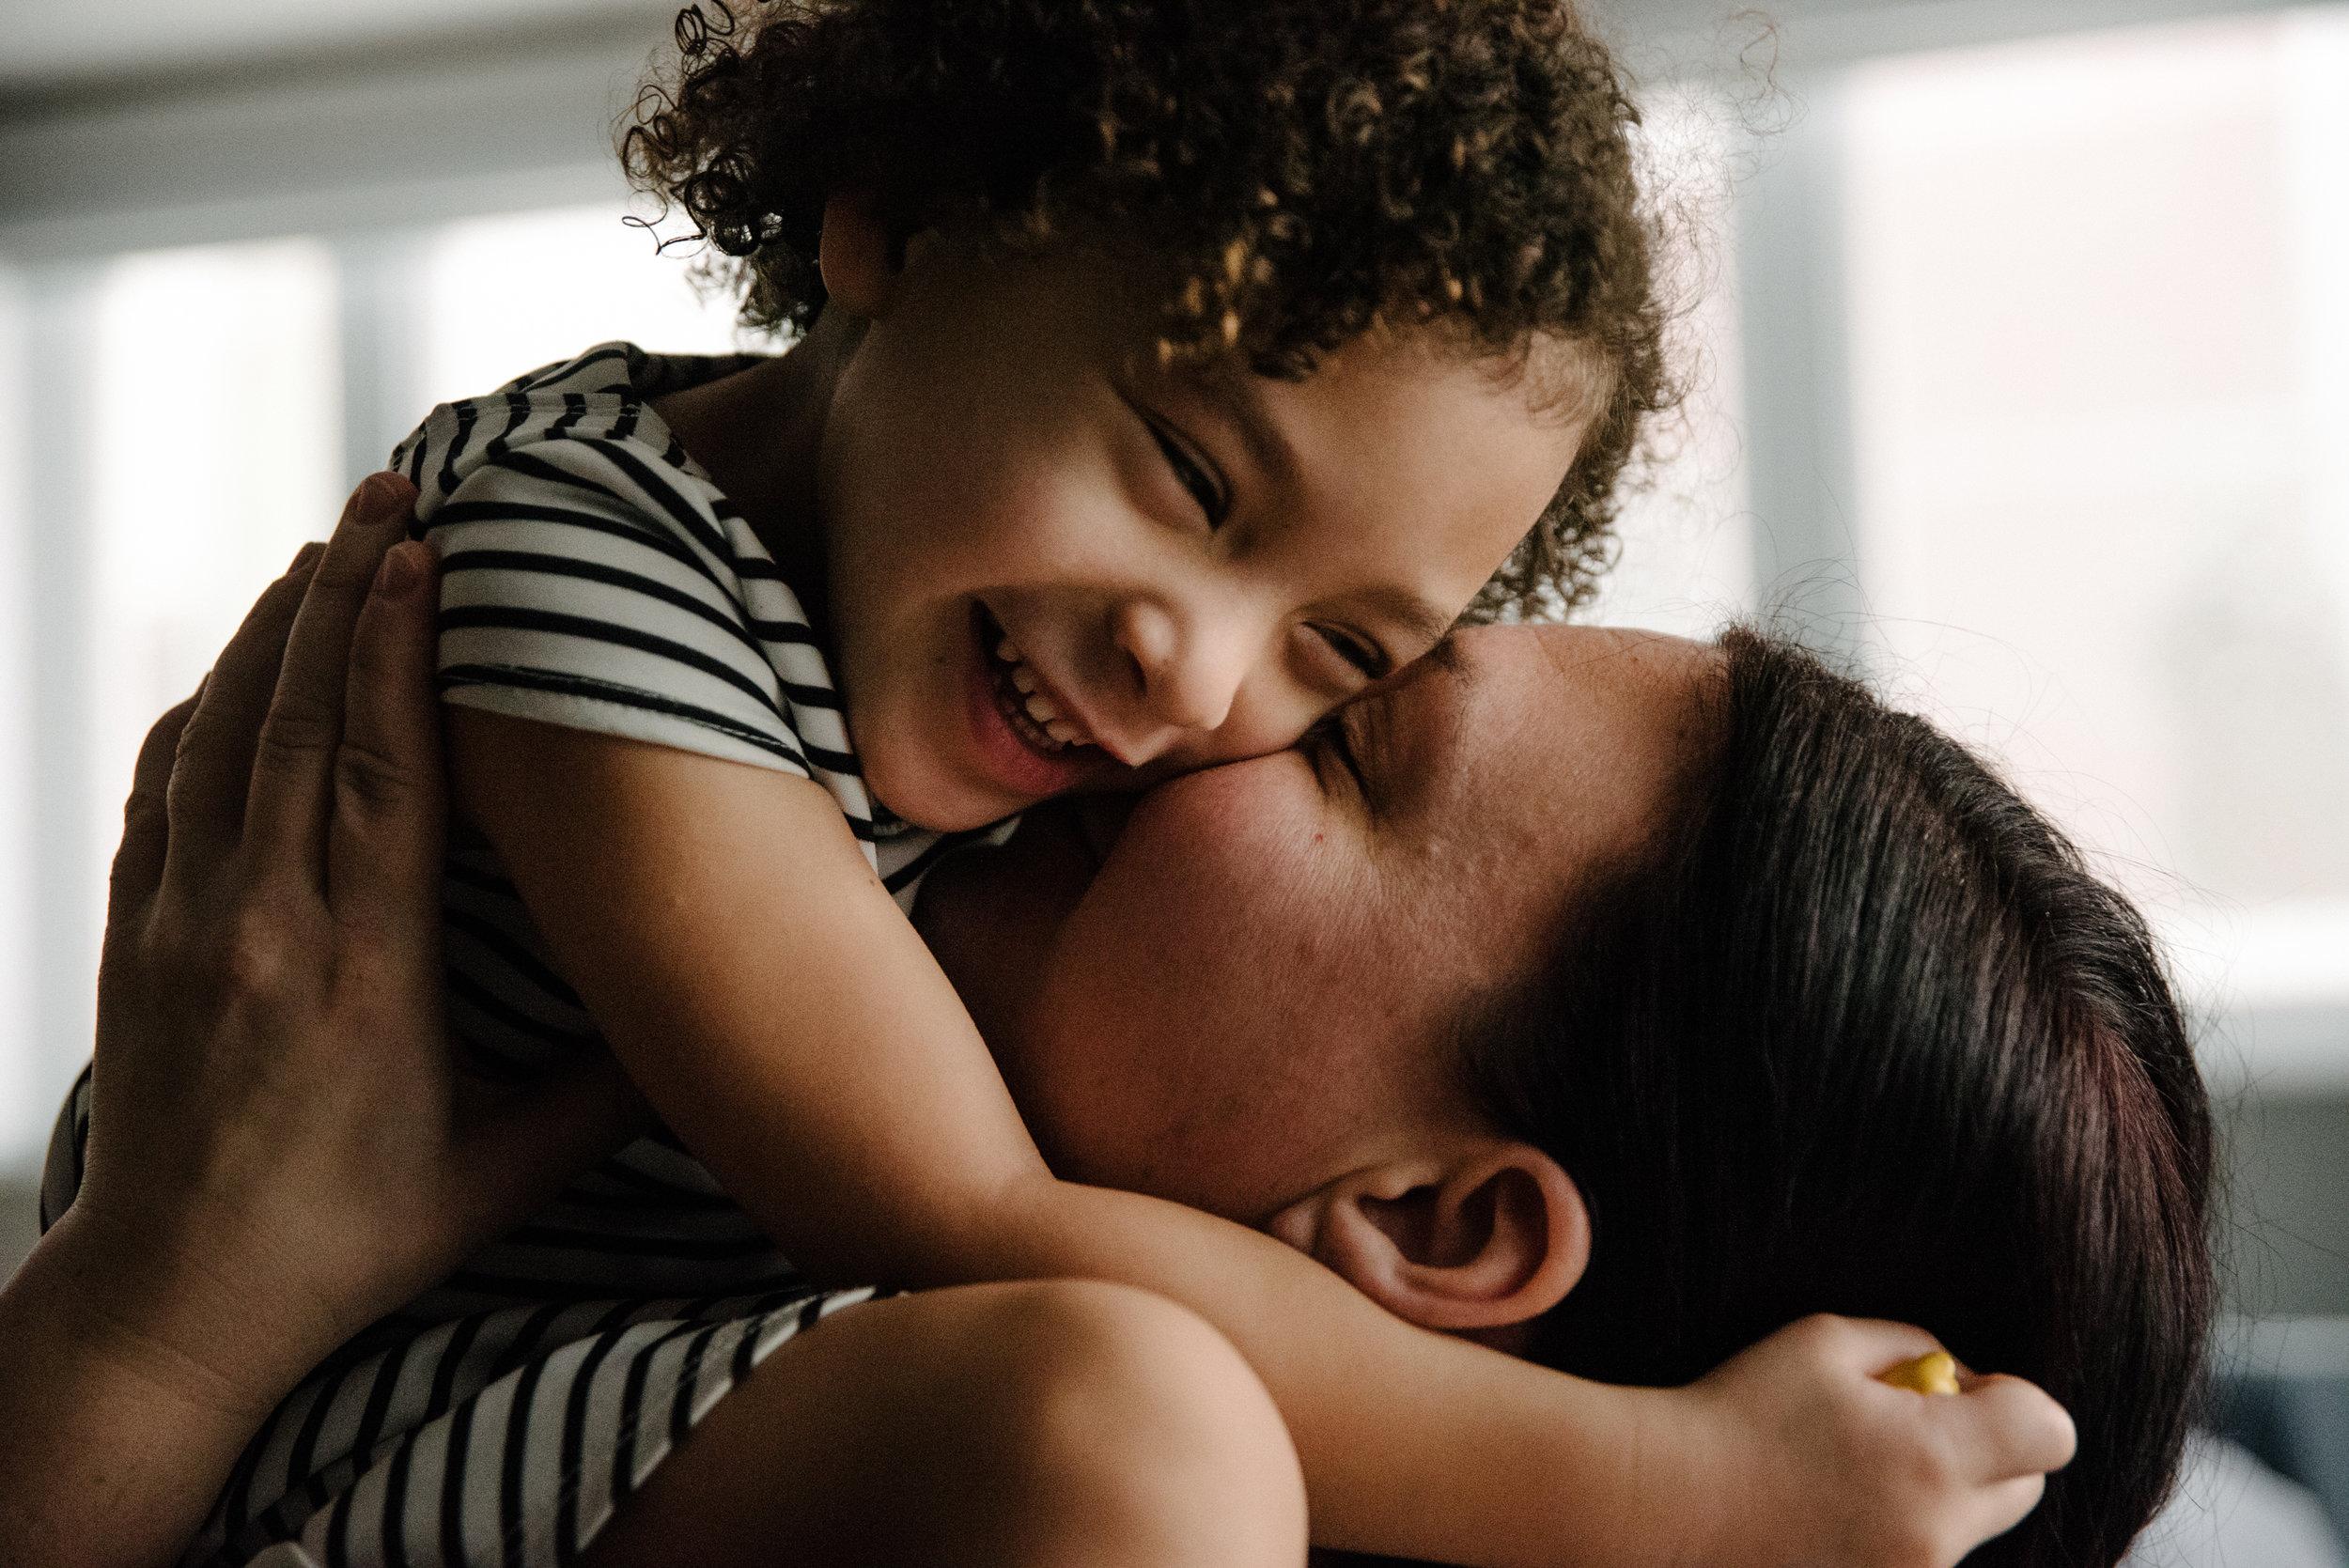 photo-de-moments-tendres-entre-une-mere-et-sa-fille-photographe-de-famille-a-montreal-marianne-charland-417.jpg